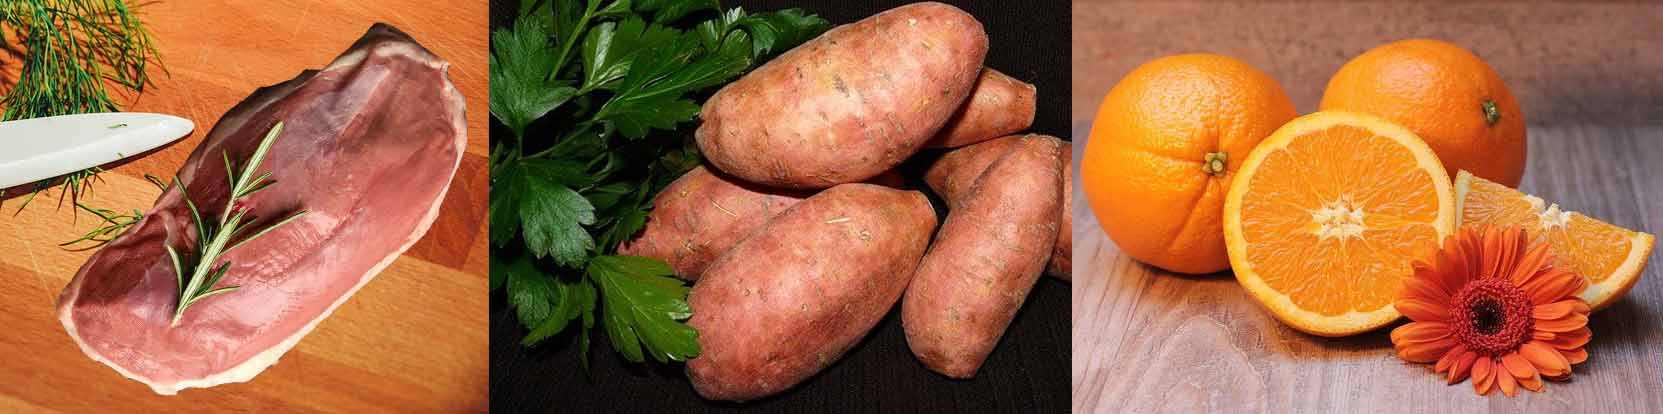 croquettes au canard, patate douce et à l'orange